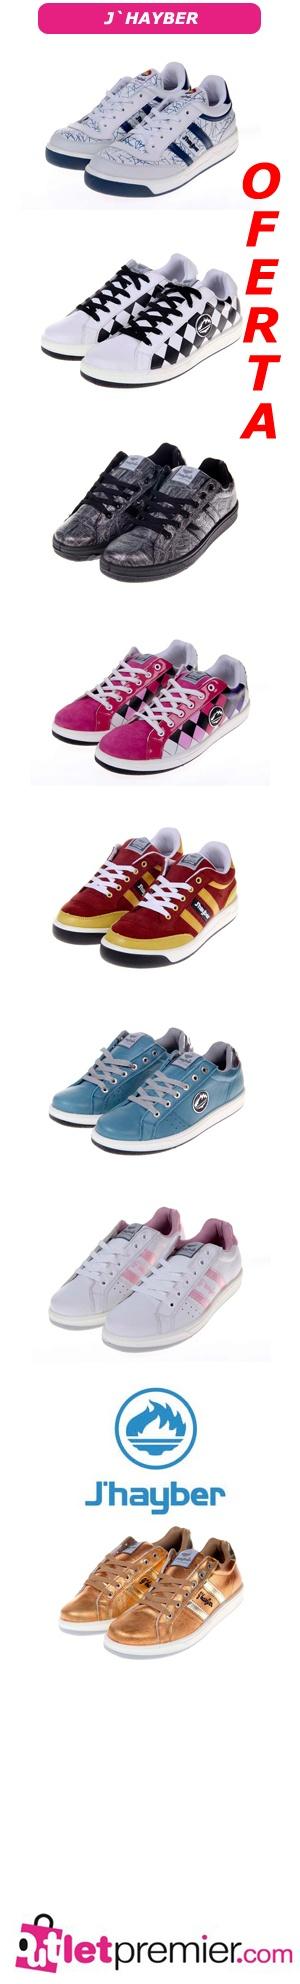 Oferta en zapatillas de #deporte #JHayber, muchos modelos...Precio #increíble conpradas